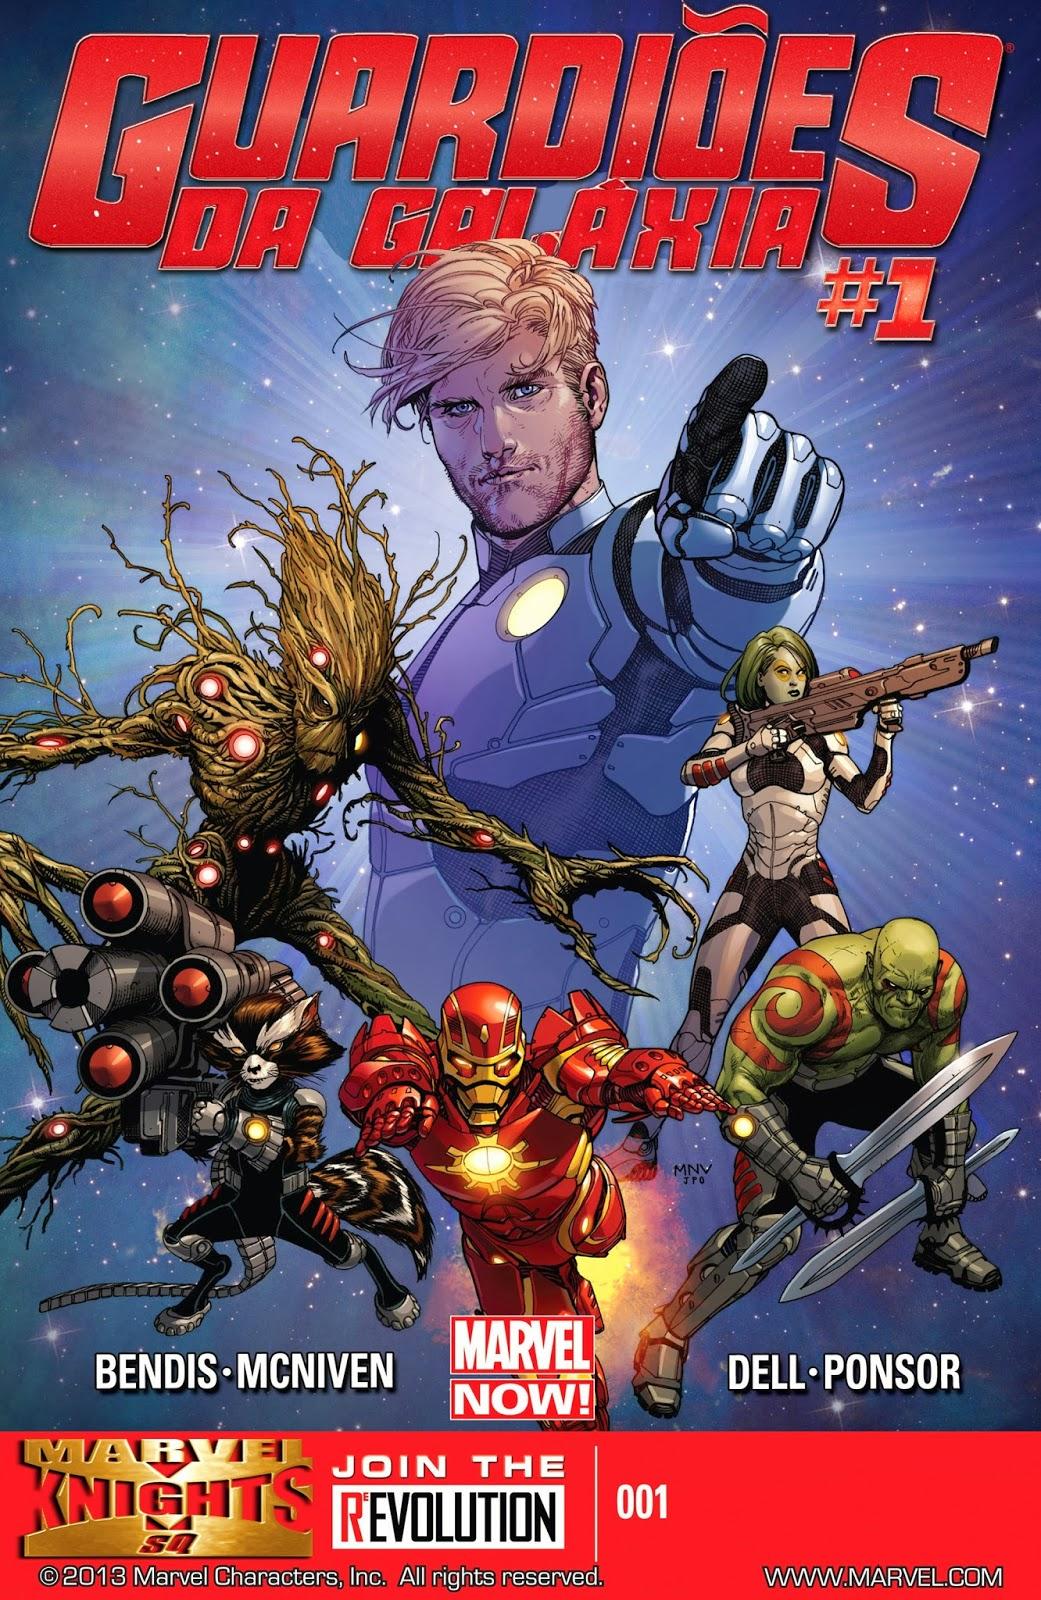 Guardiões da Galáxia #1